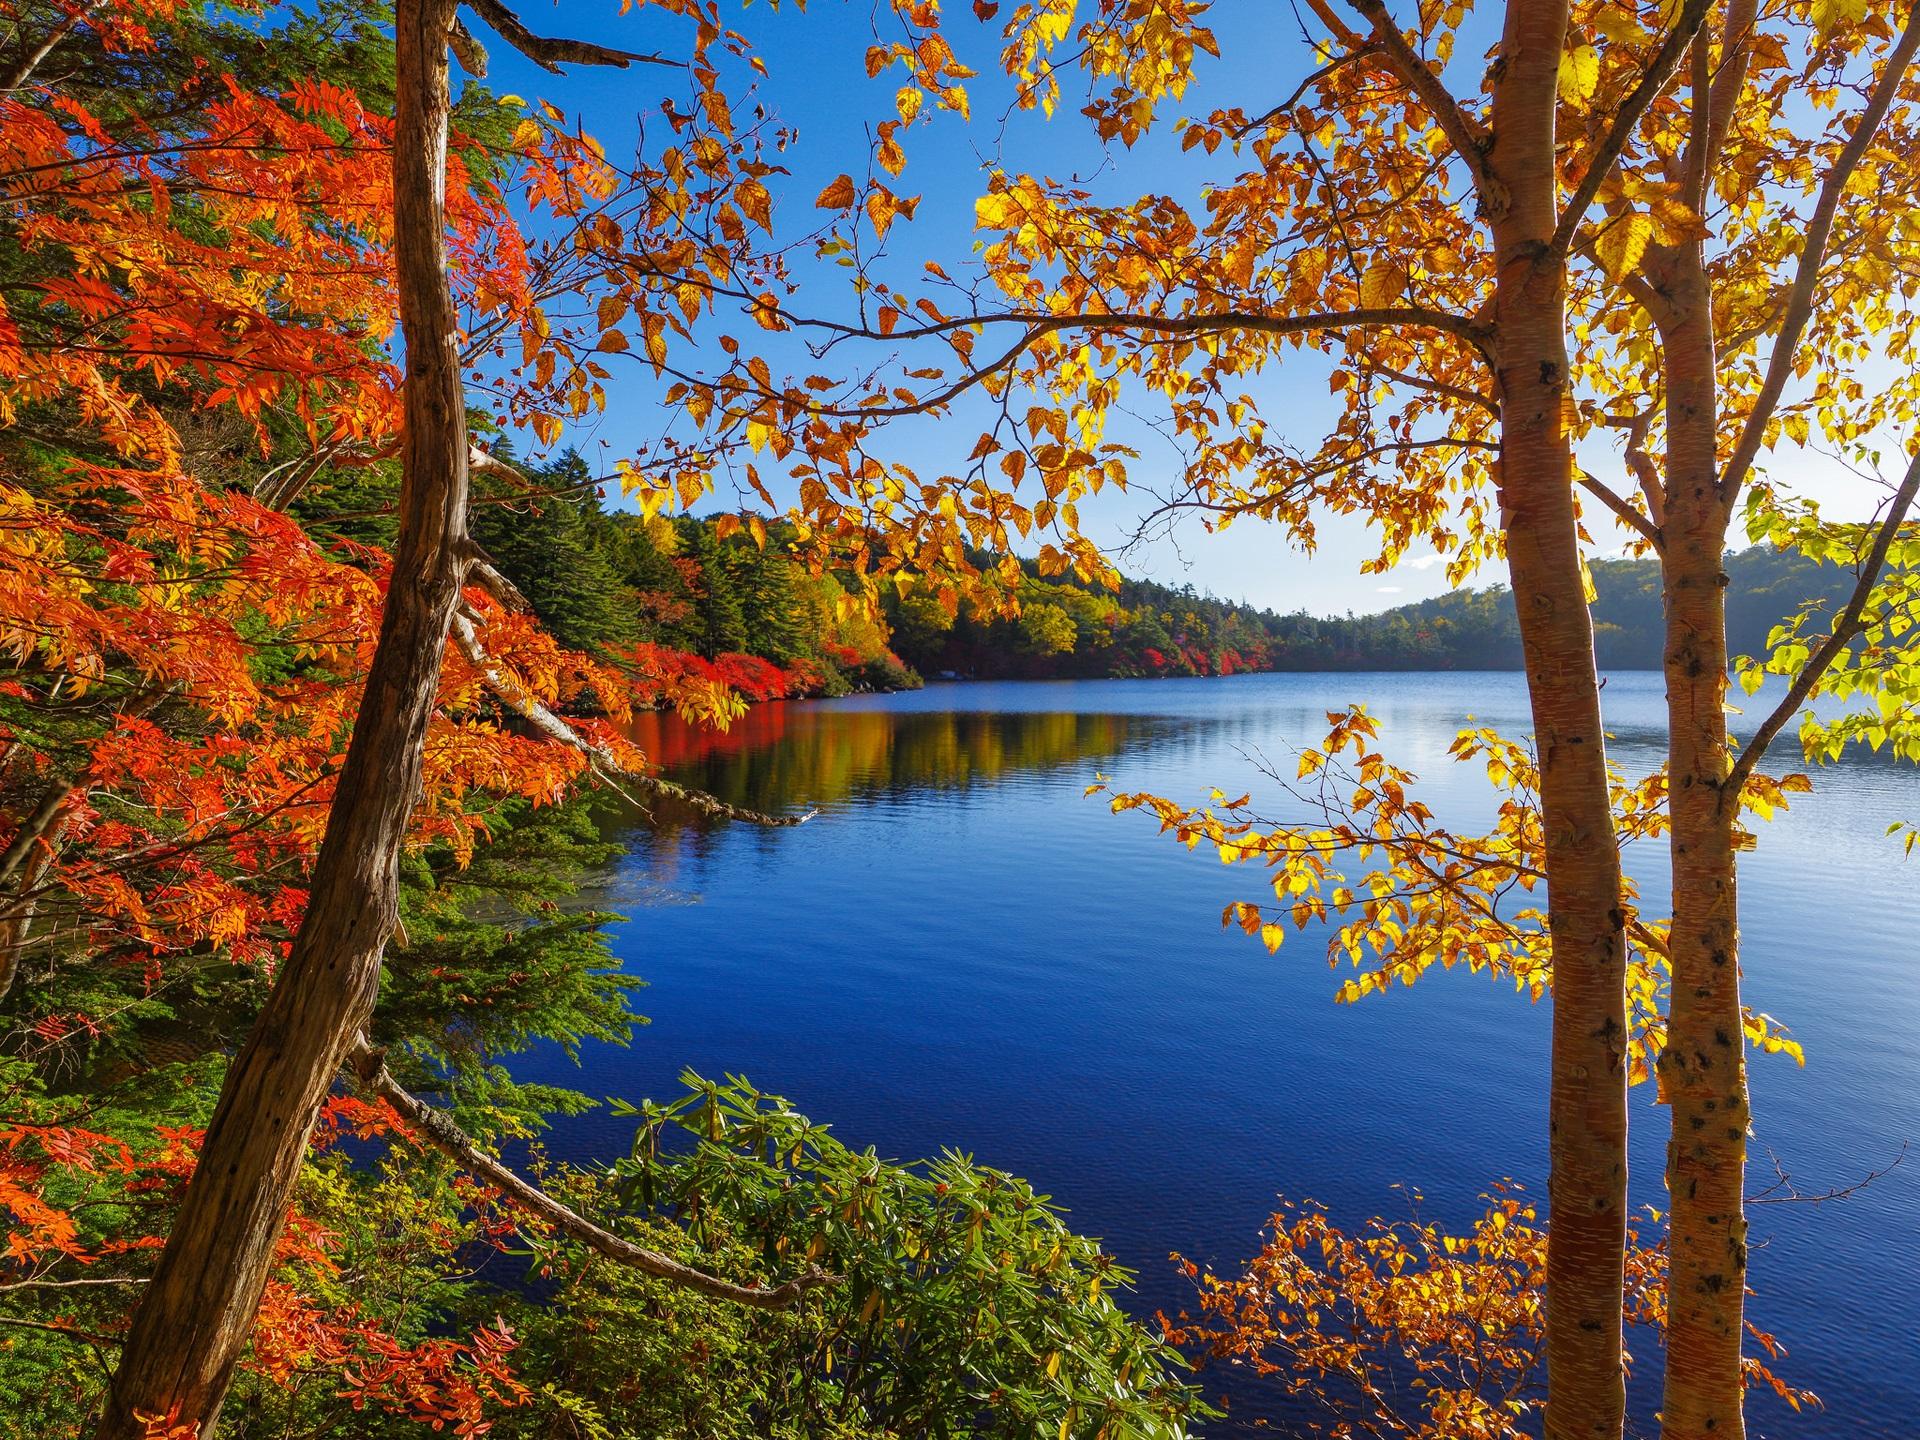 foto de Fonds d'écran Automne, lac, arbres, forêt, ciel 1920x1440 HD image